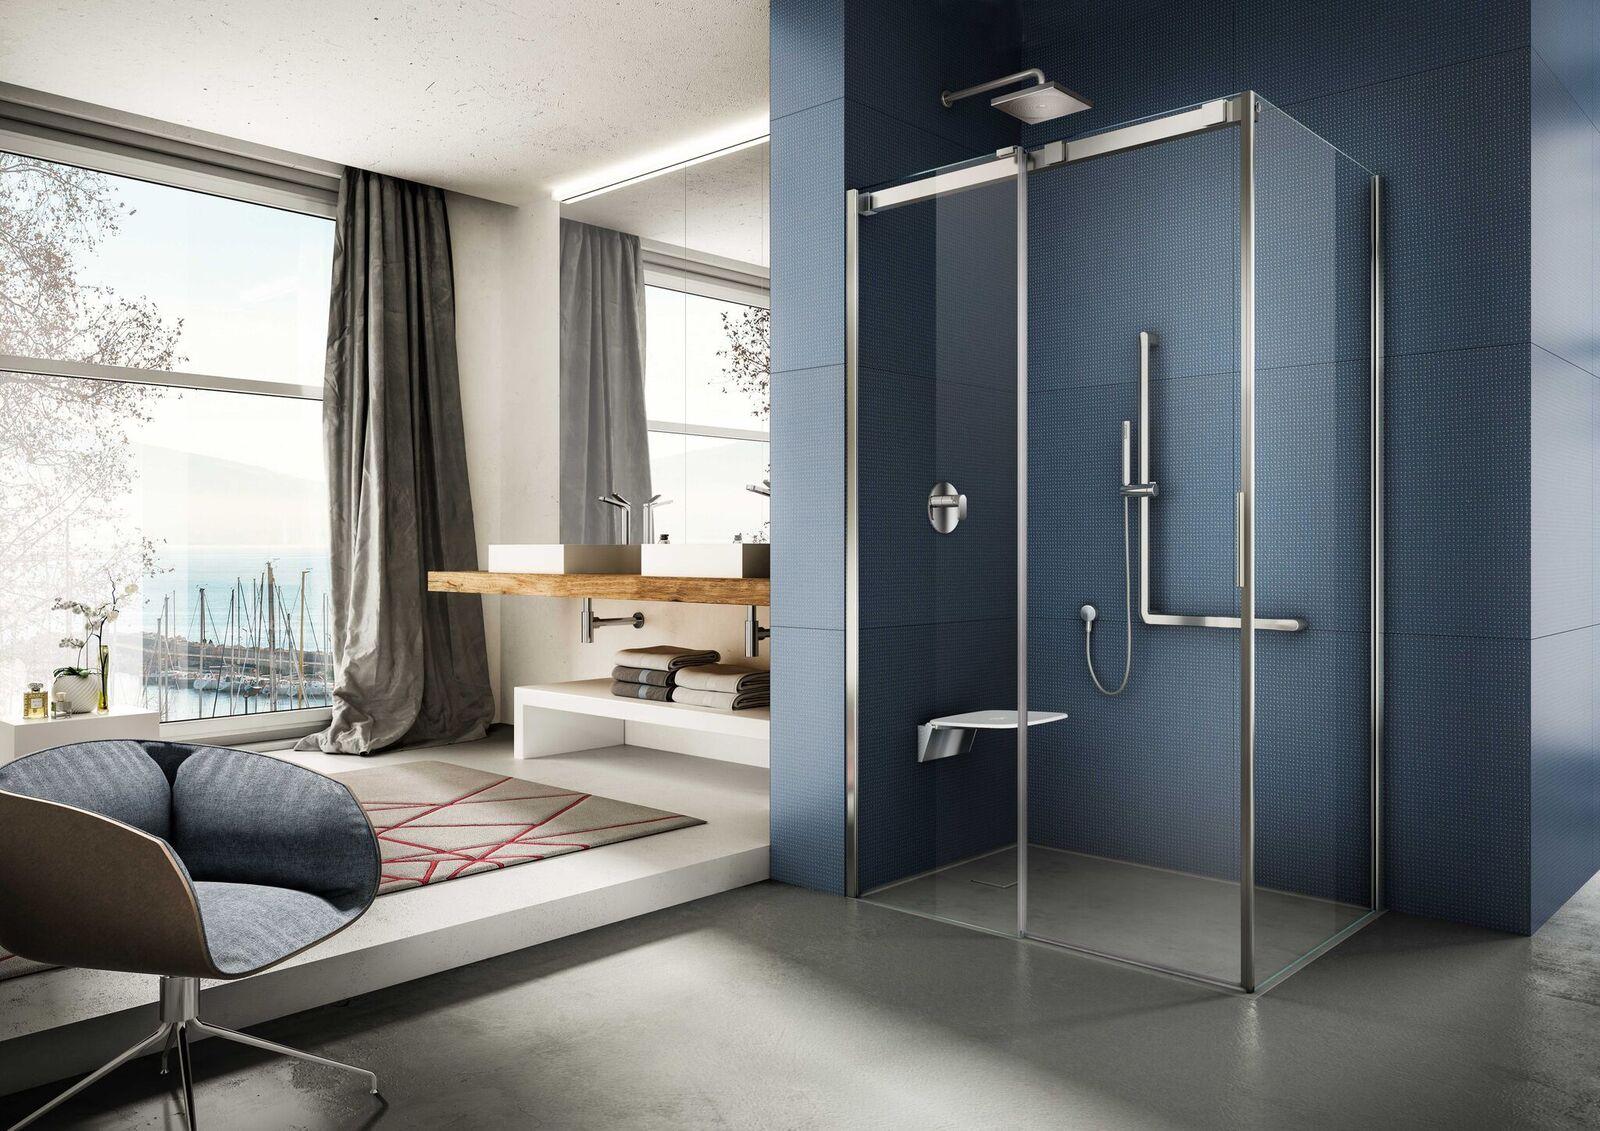 Linea soft di provex: cabine doccia con porte scorrevoli bagno